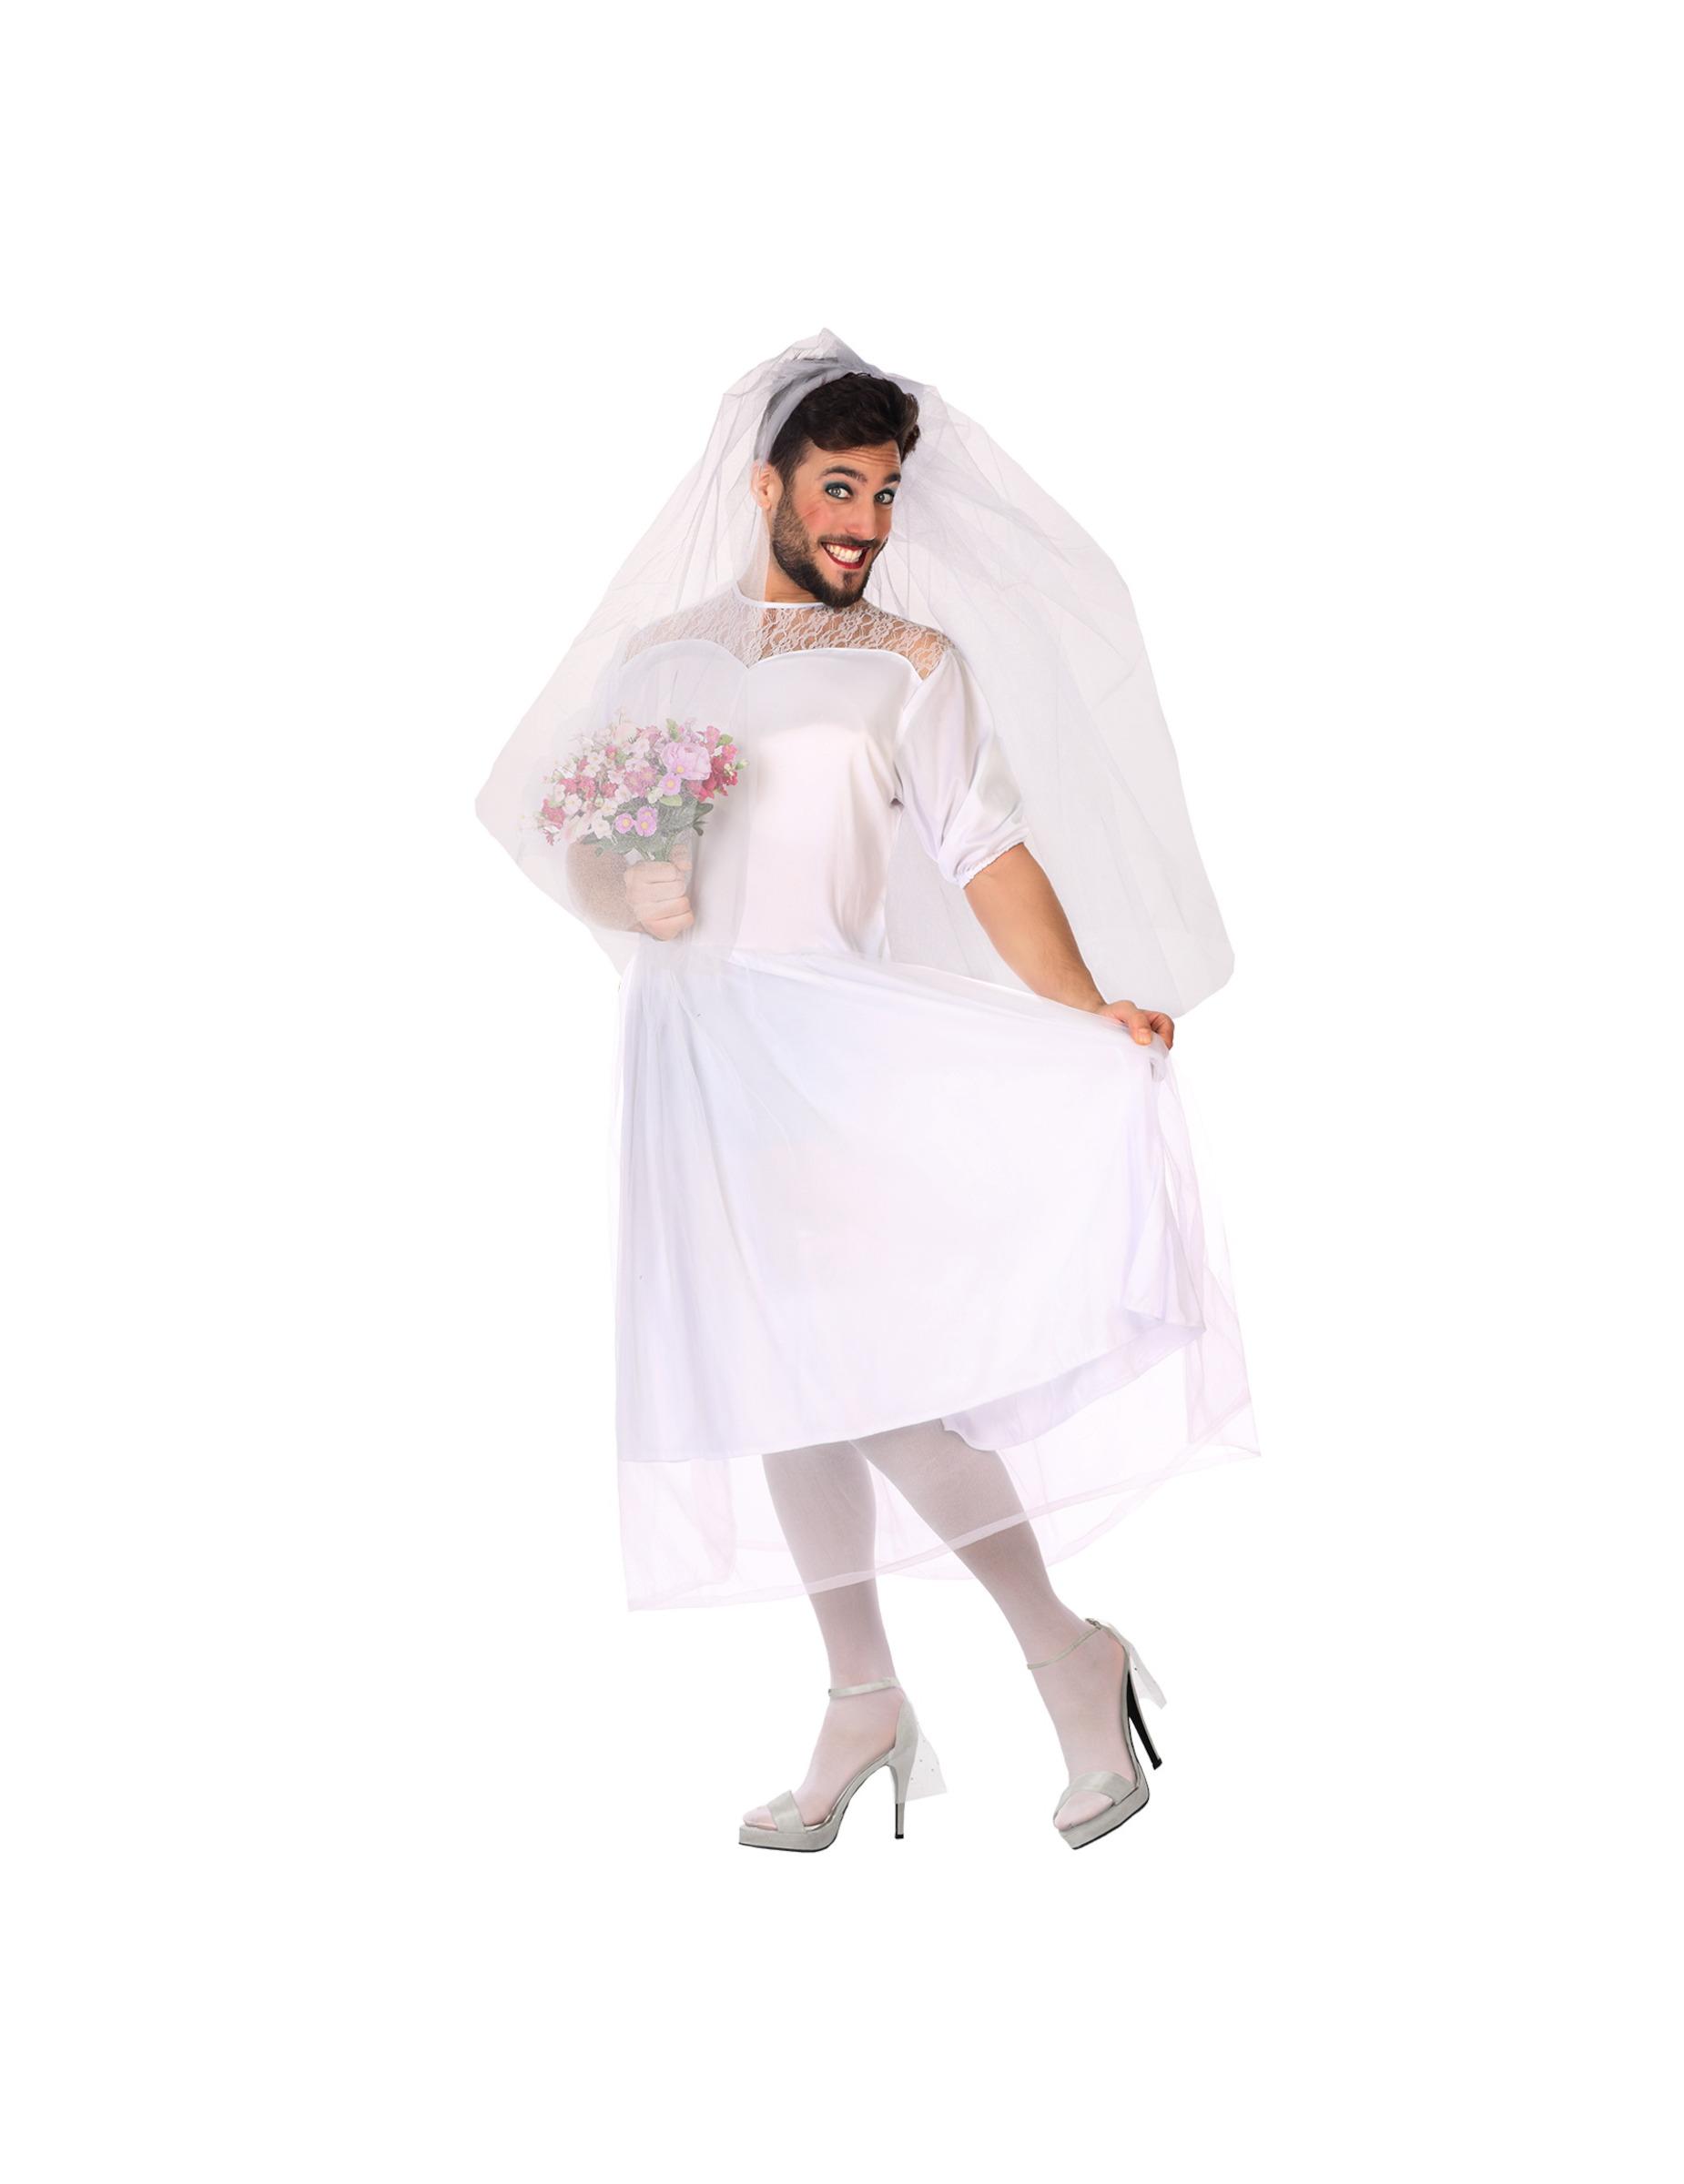 Badewanne Kostüm jga accessoires und kostüme vegaoo sorgt für einen unvergesslichen